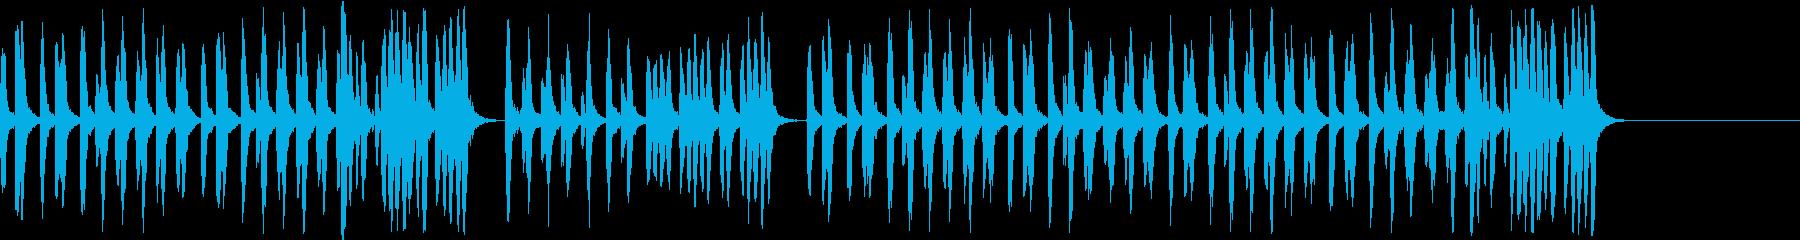 昔のディズニー風 映画カートゥーンアニメの再生済みの波形